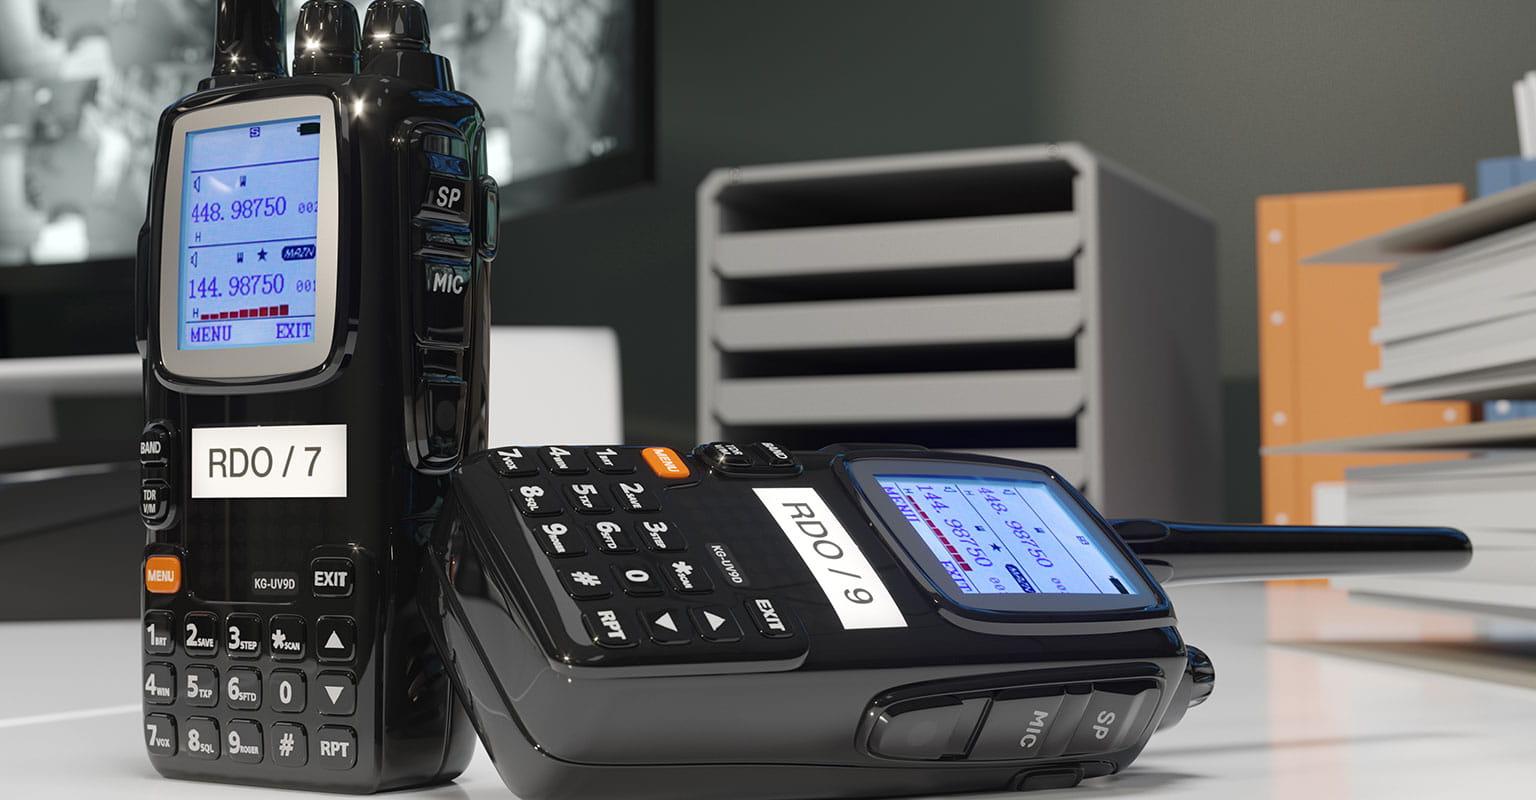 Dve radijski napravi voki-toki z identifikacijskimi nalepkami, izdelanimi na tiskalniku nalepk Brother P-touch